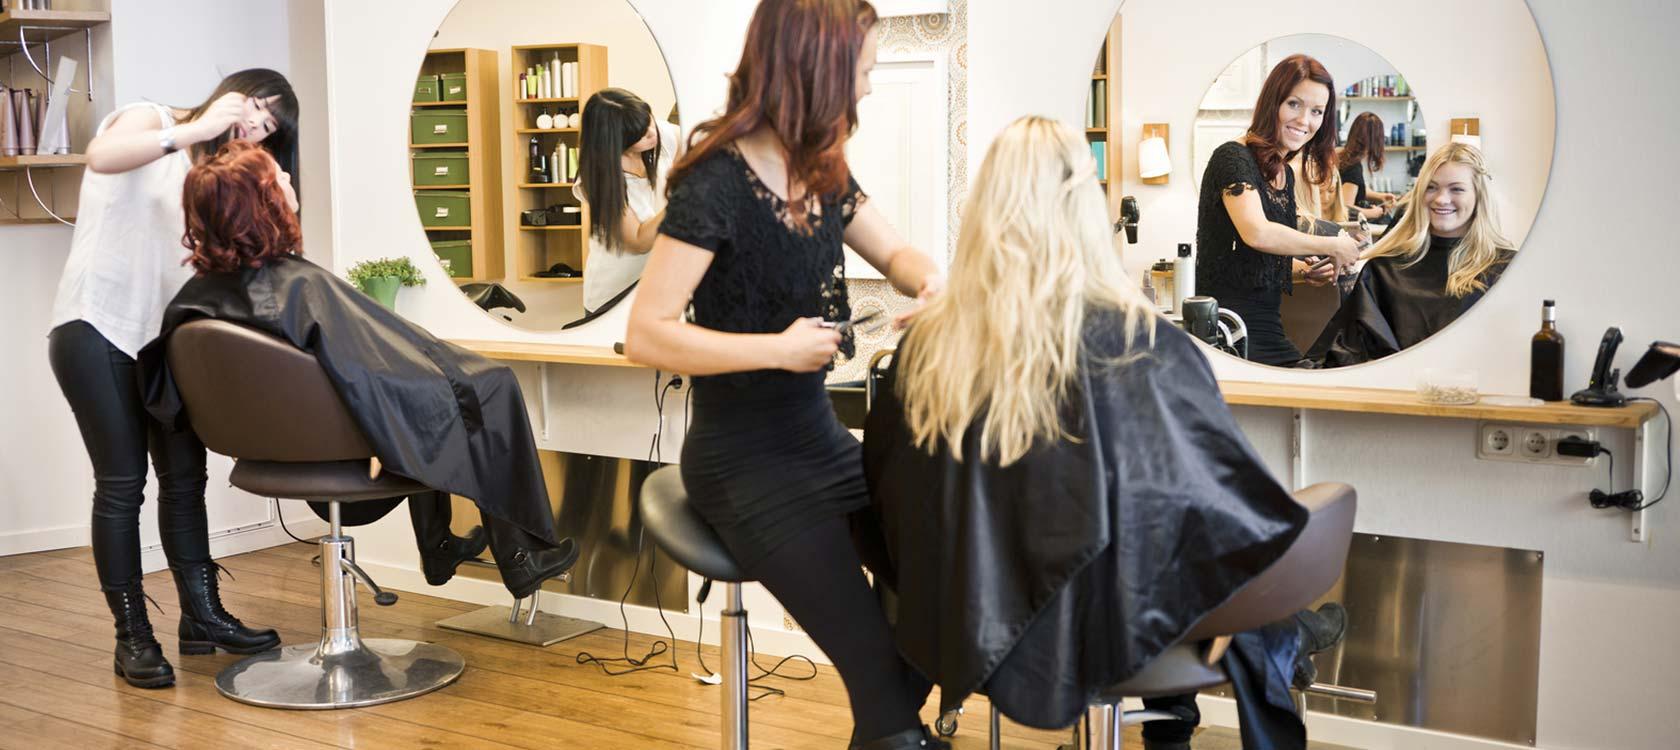 Cap coiffure formation pour devenir coiffeuse for Salon de coiffure qui recherche apprenti